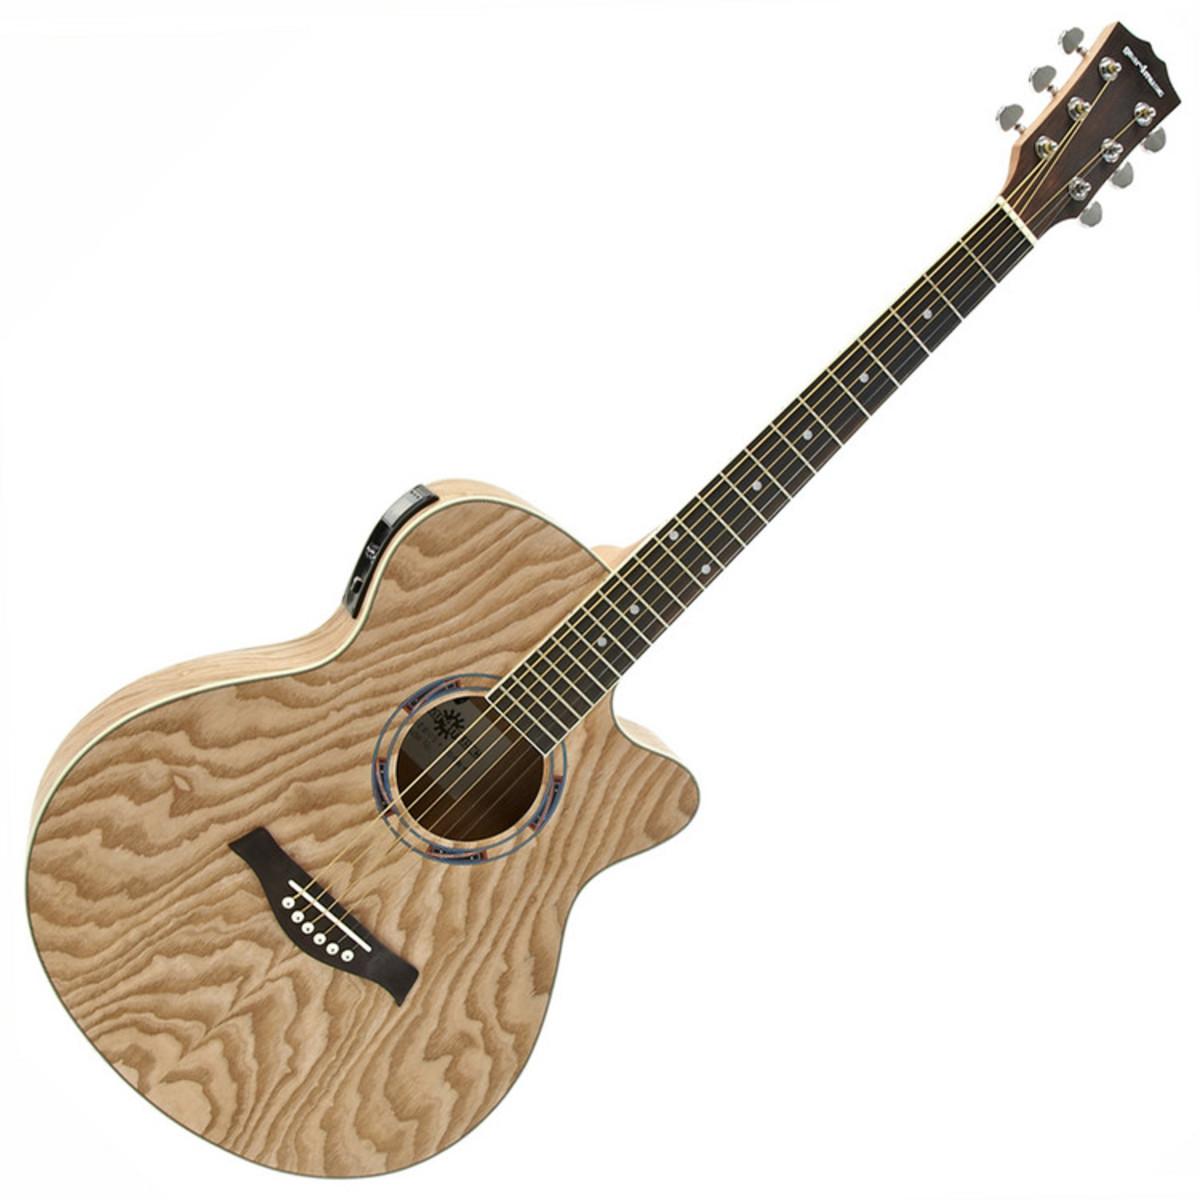 guitare electro acoustique pan coup unique luxe par gear4music willow. Black Bedroom Furniture Sets. Home Design Ideas